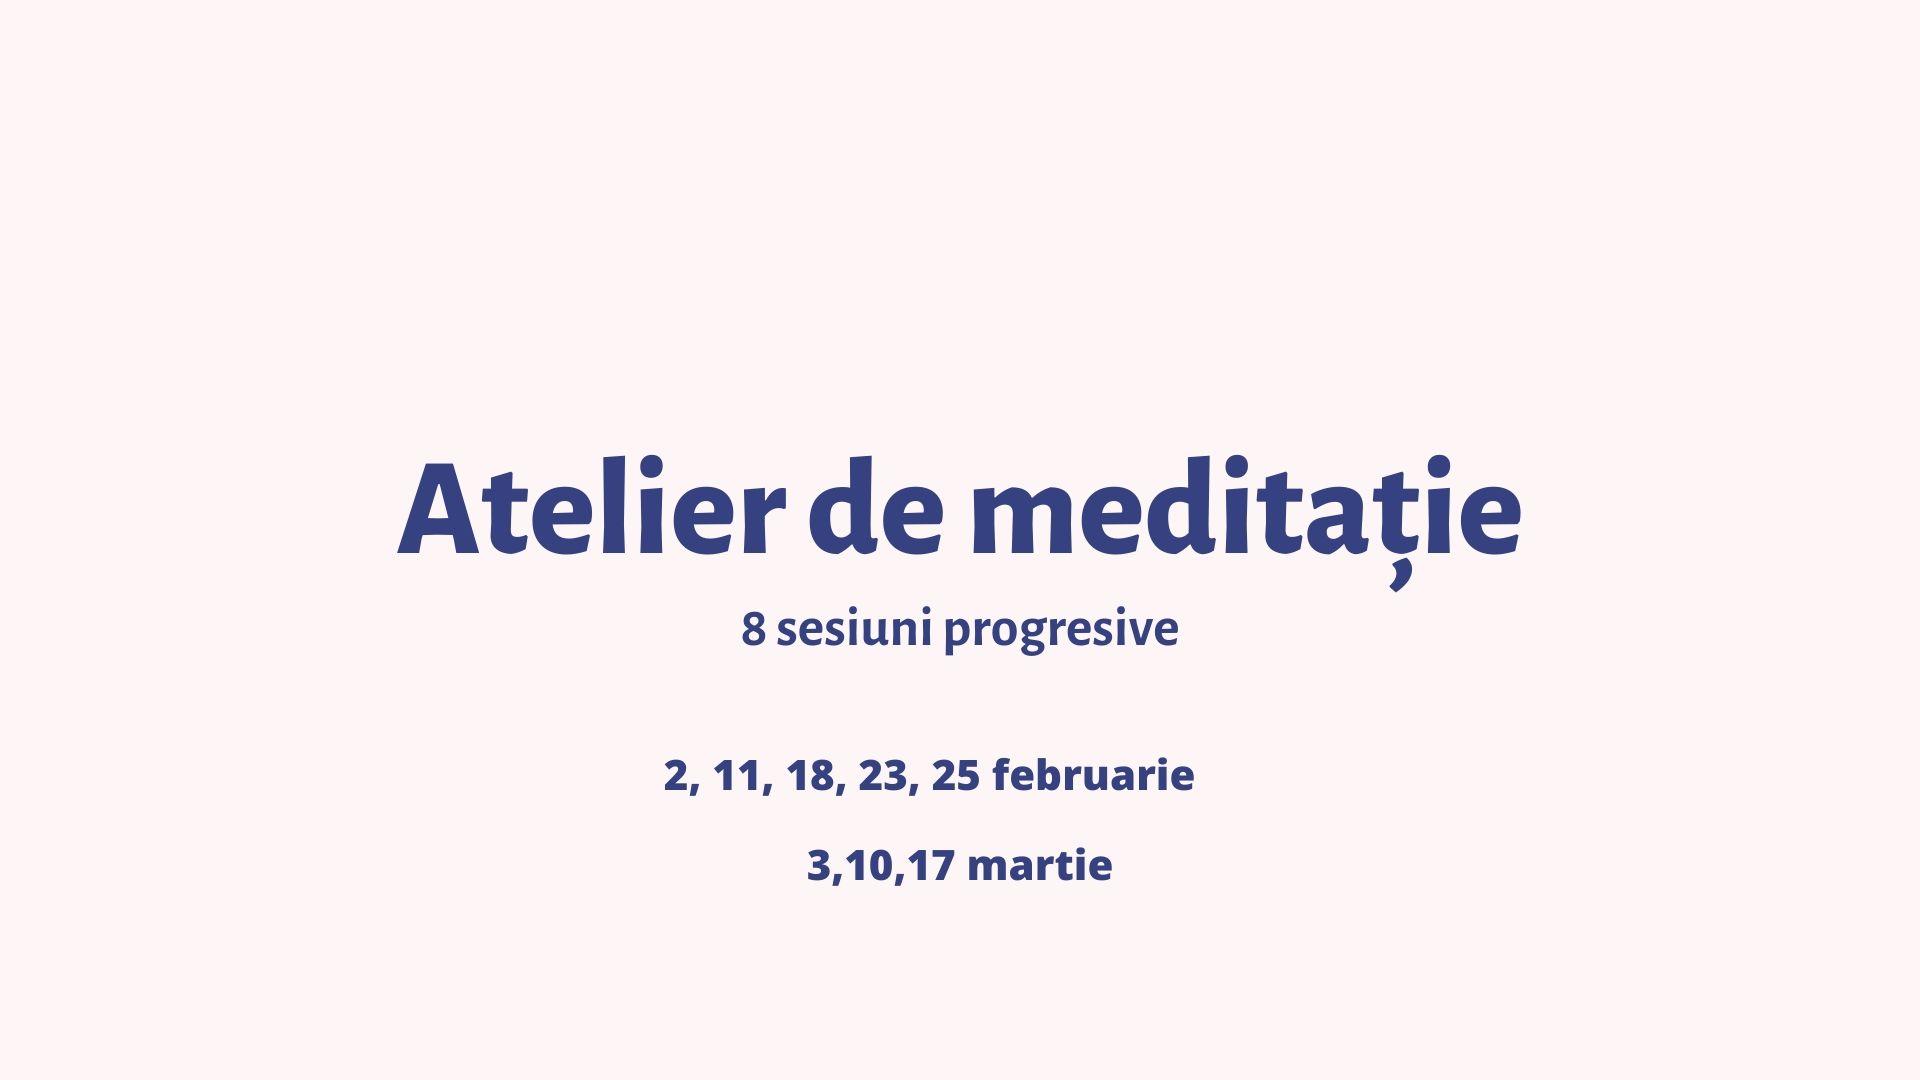 Atelier de meditaţie